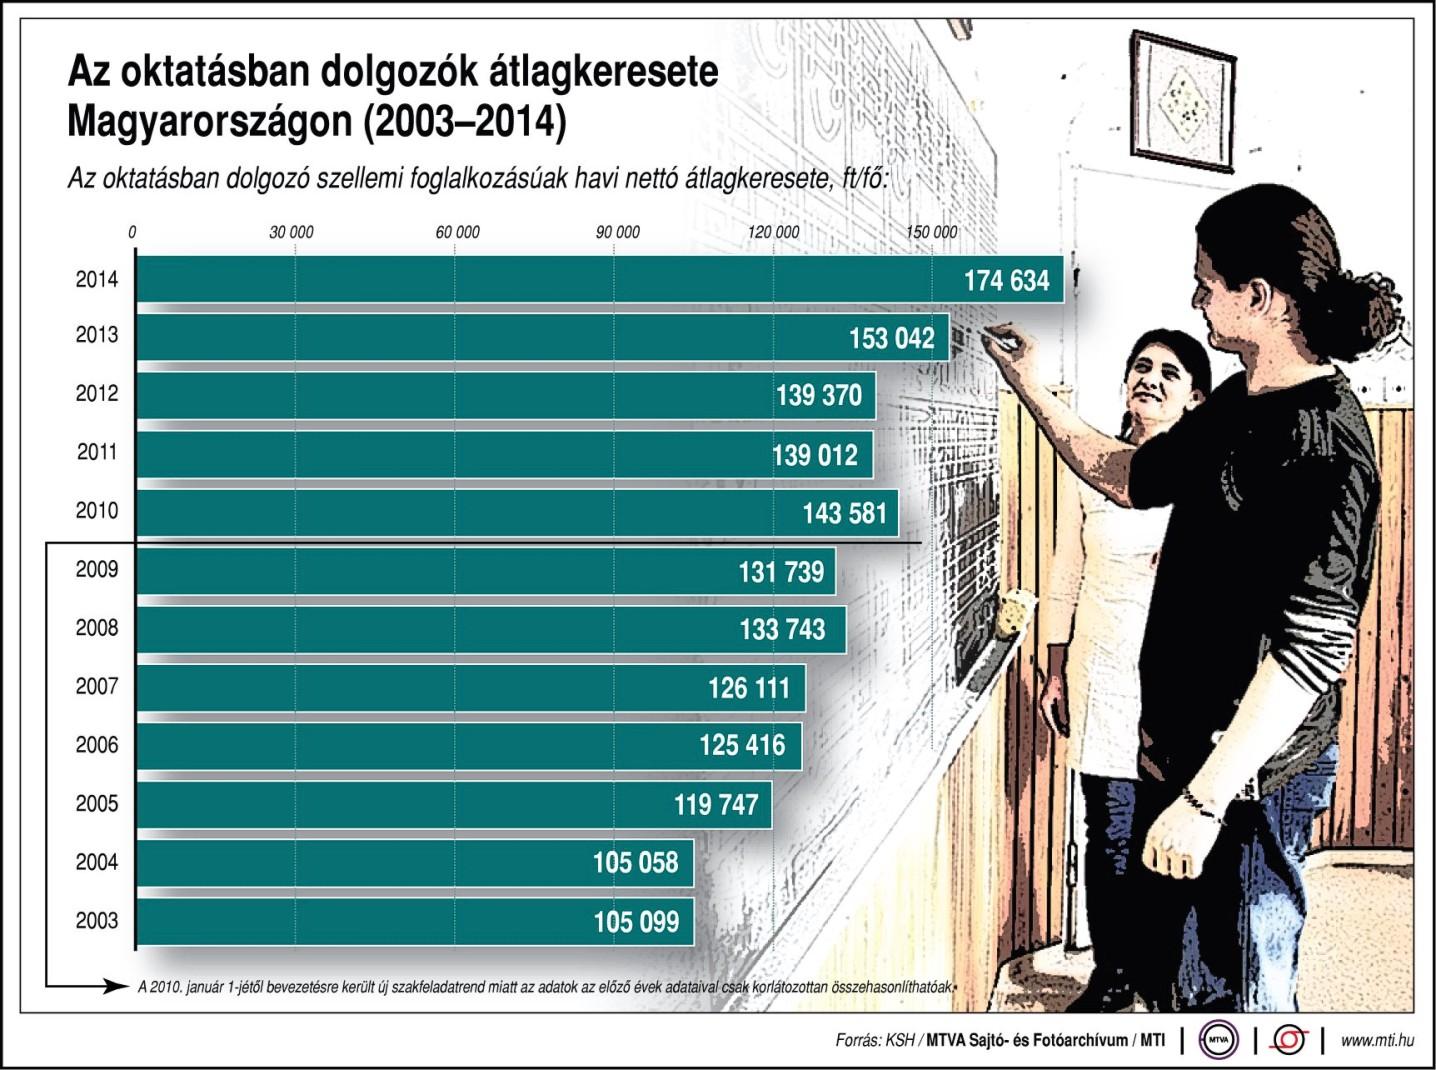 Az oktatásban dolgozók átlagkeresete-belso